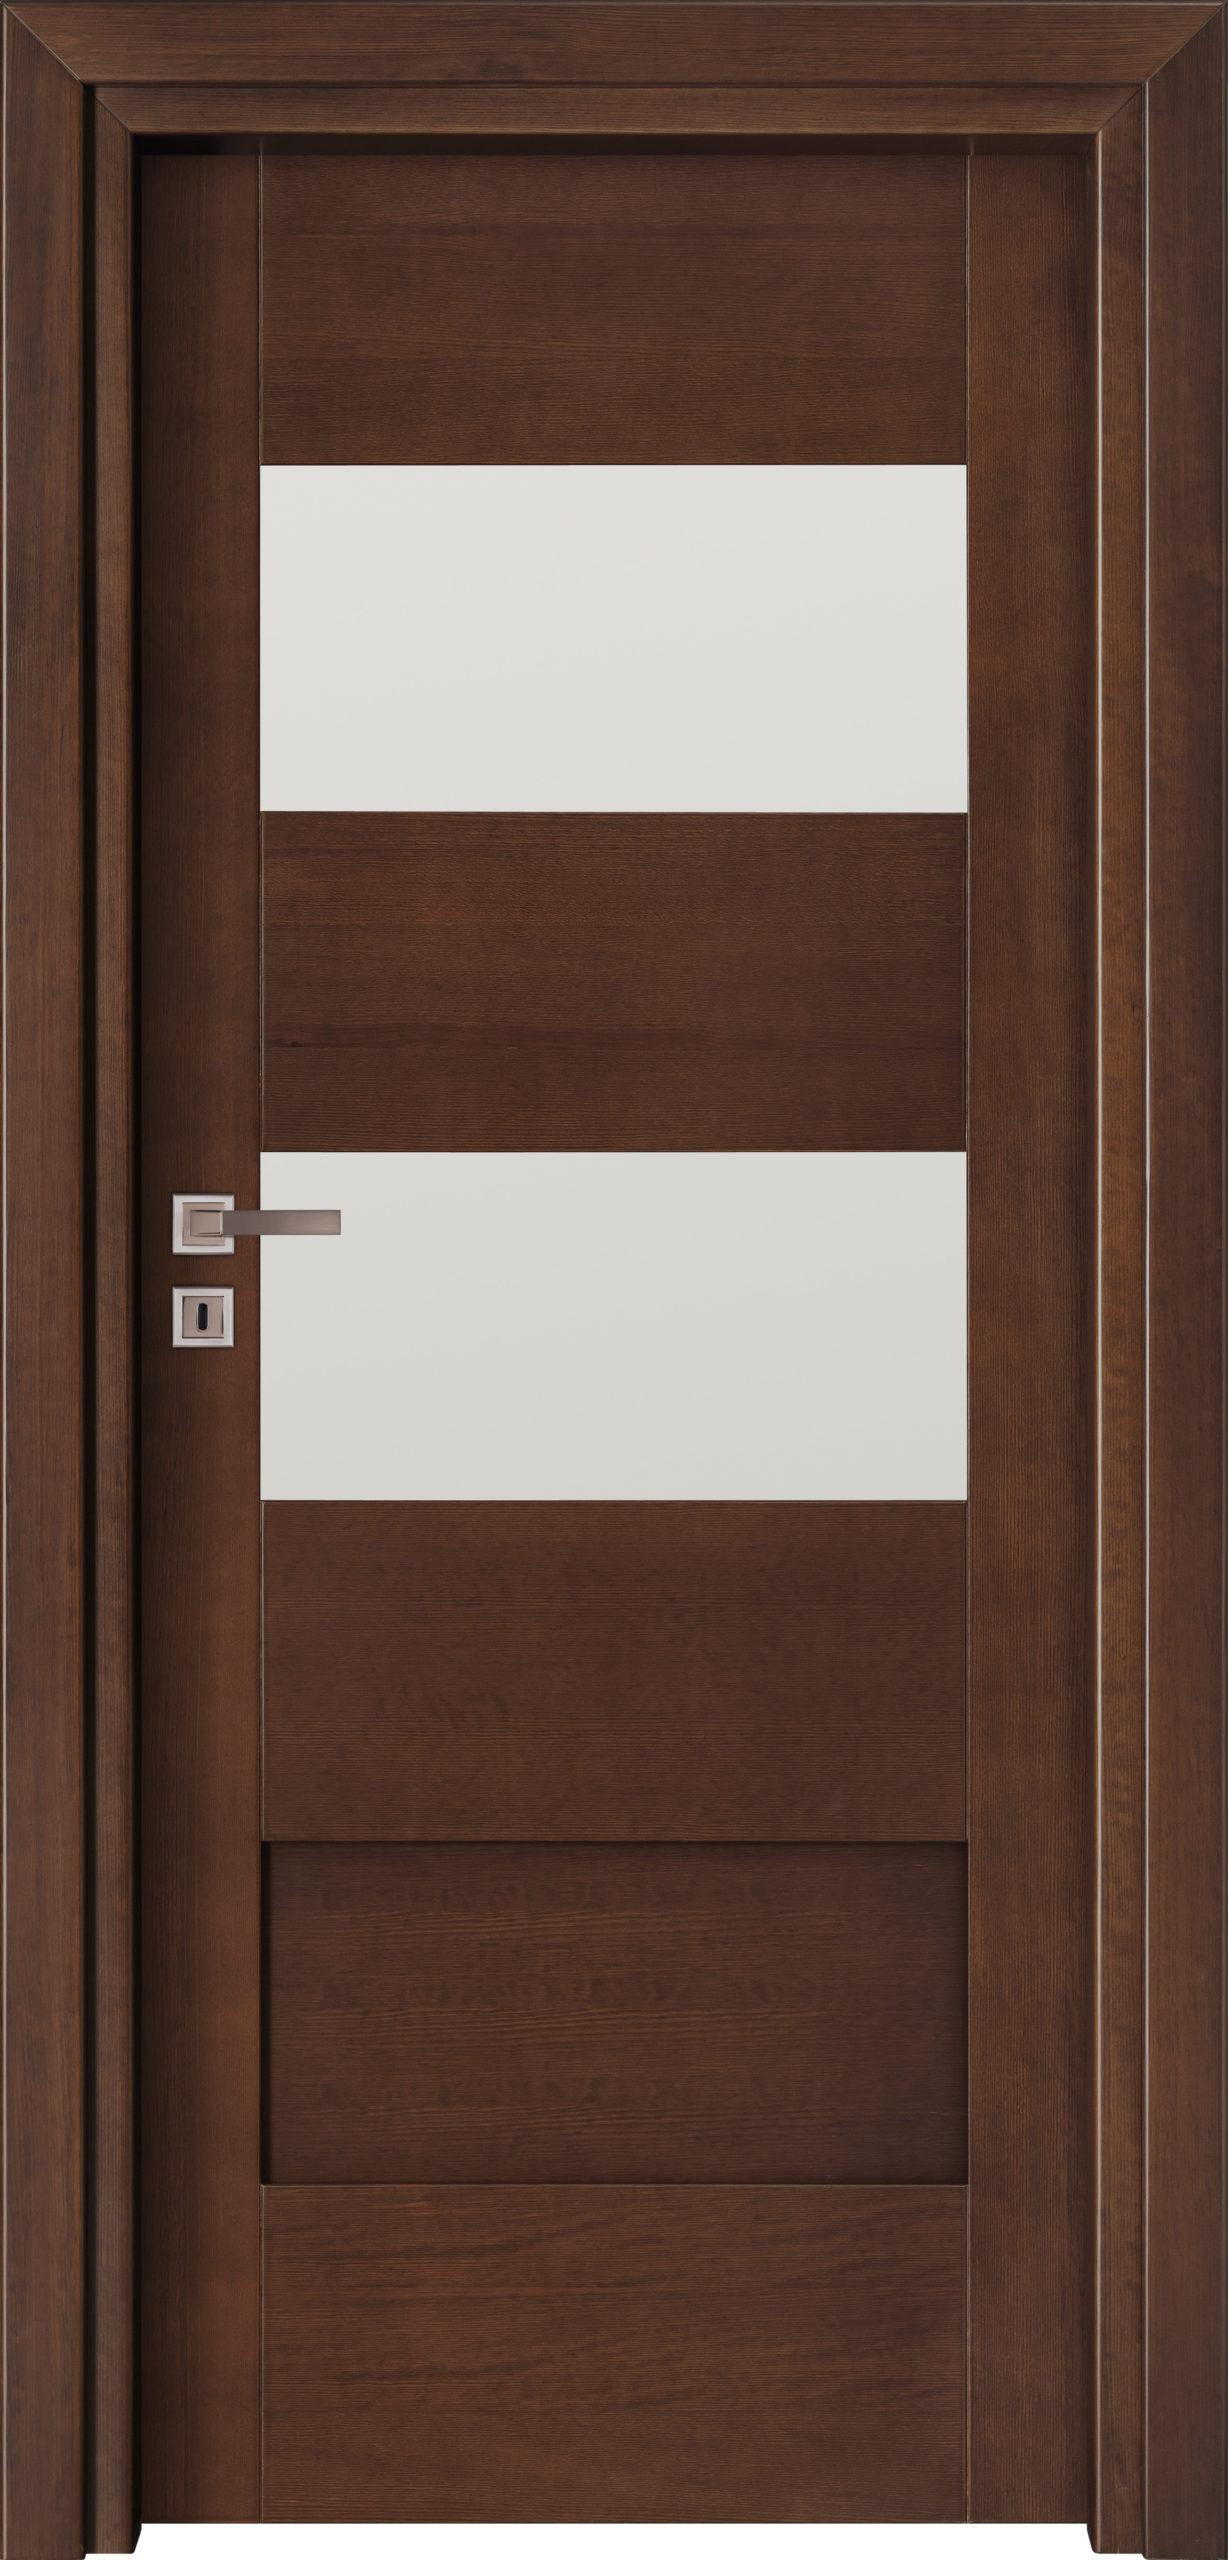 Bolzano A2 - jesion - jasny orzech - szklenie lacomat bezpieczny - ościeżnica przylgowa regulowana drewniana prosta (IIa)